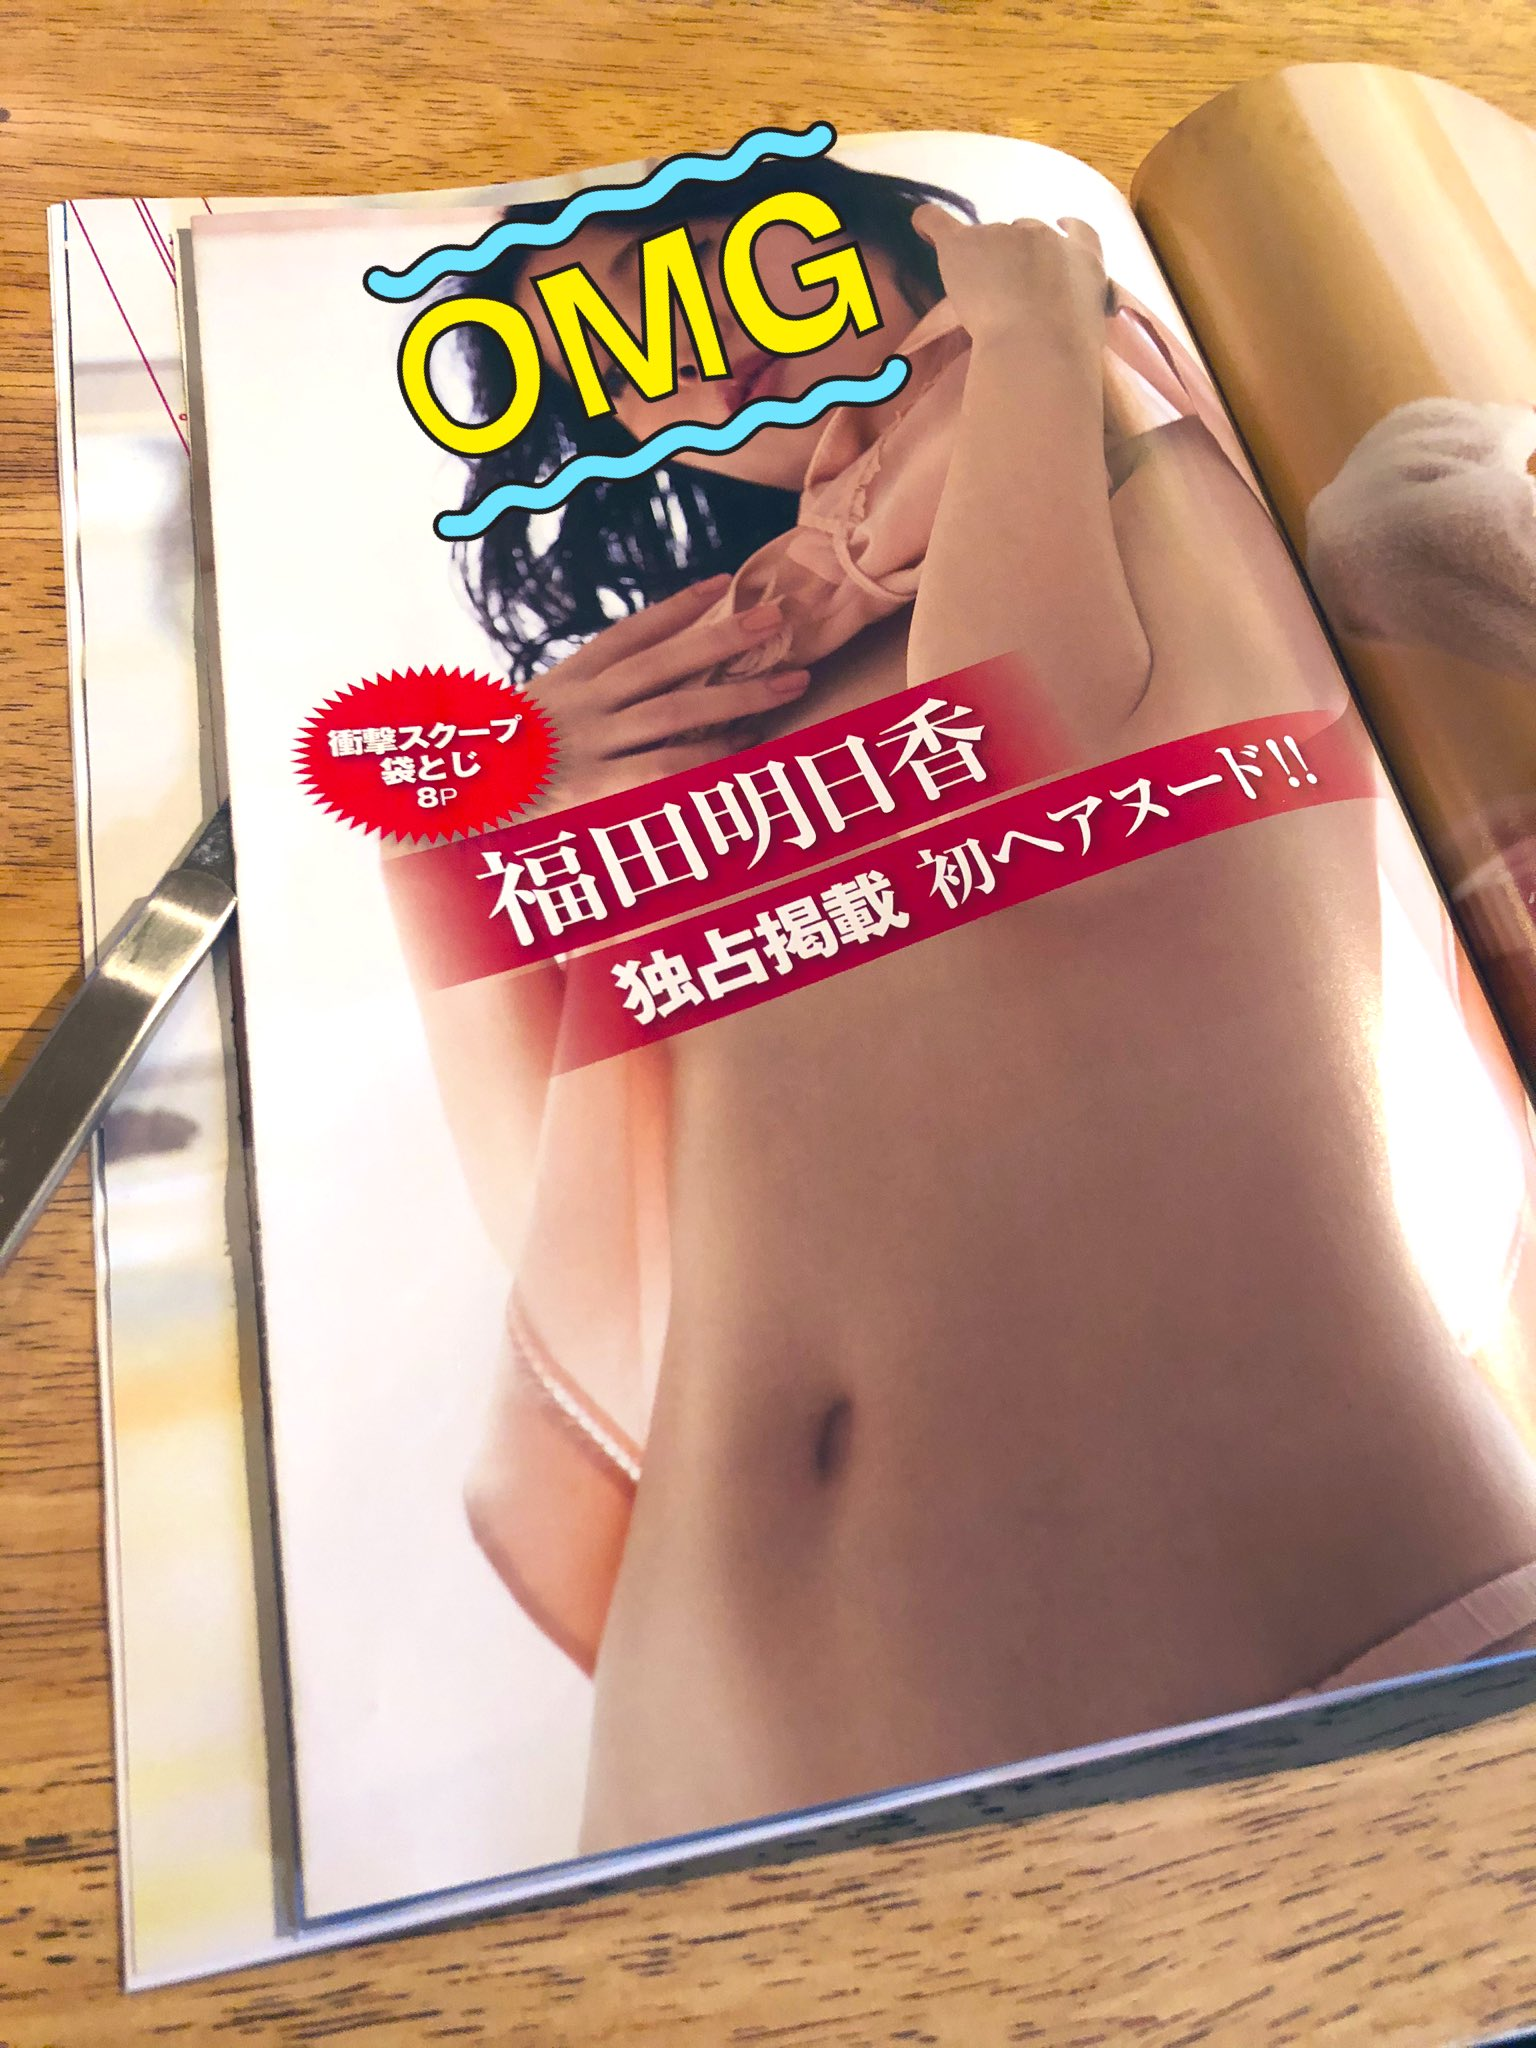 福田明日香ヘア画像 フライデー